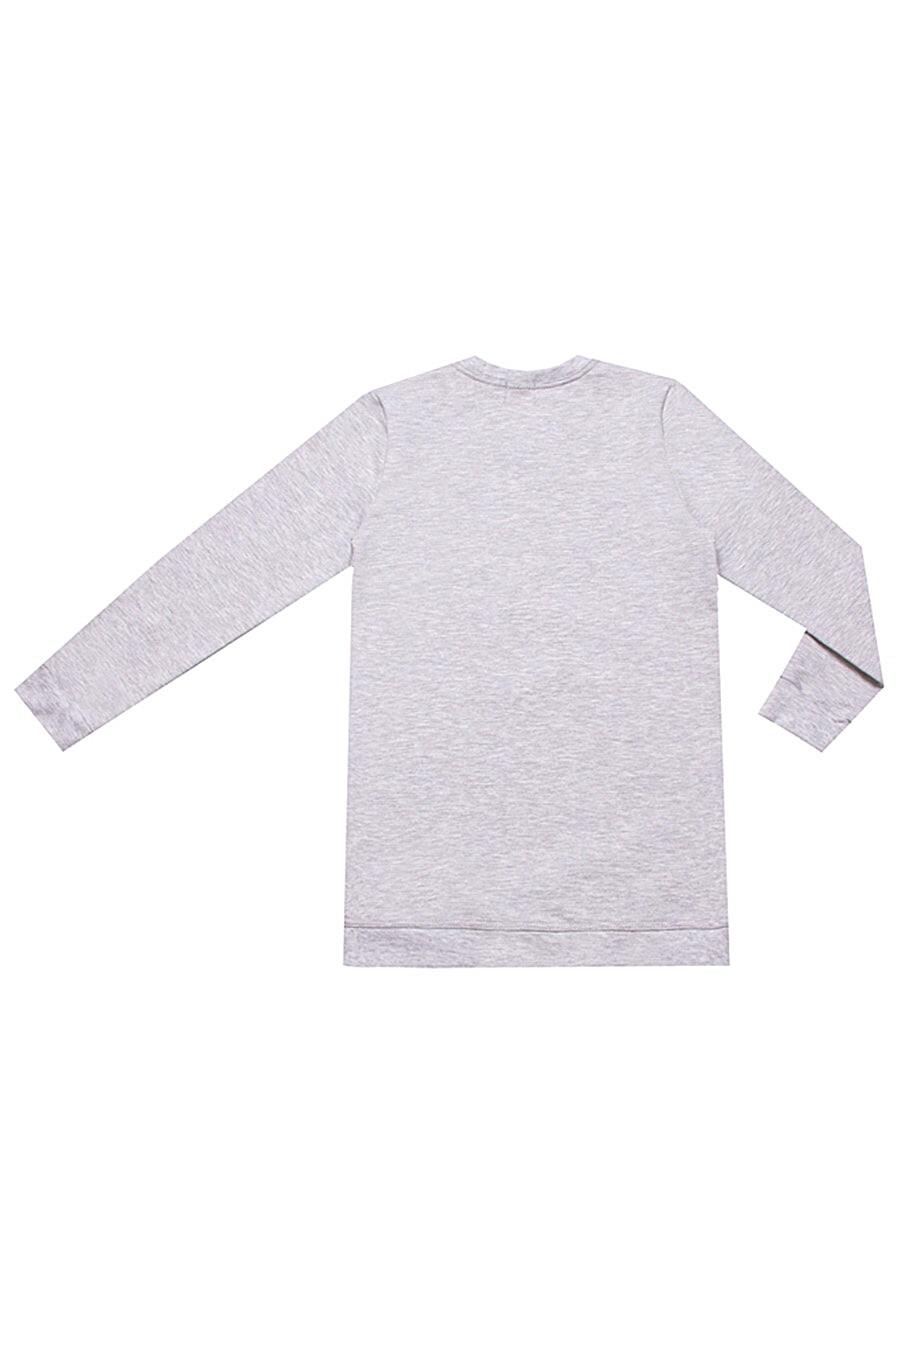 Джемпер для девочек Archi 130983 купить оптом от производителя. Совместная покупка детской одежды в OptMoyo